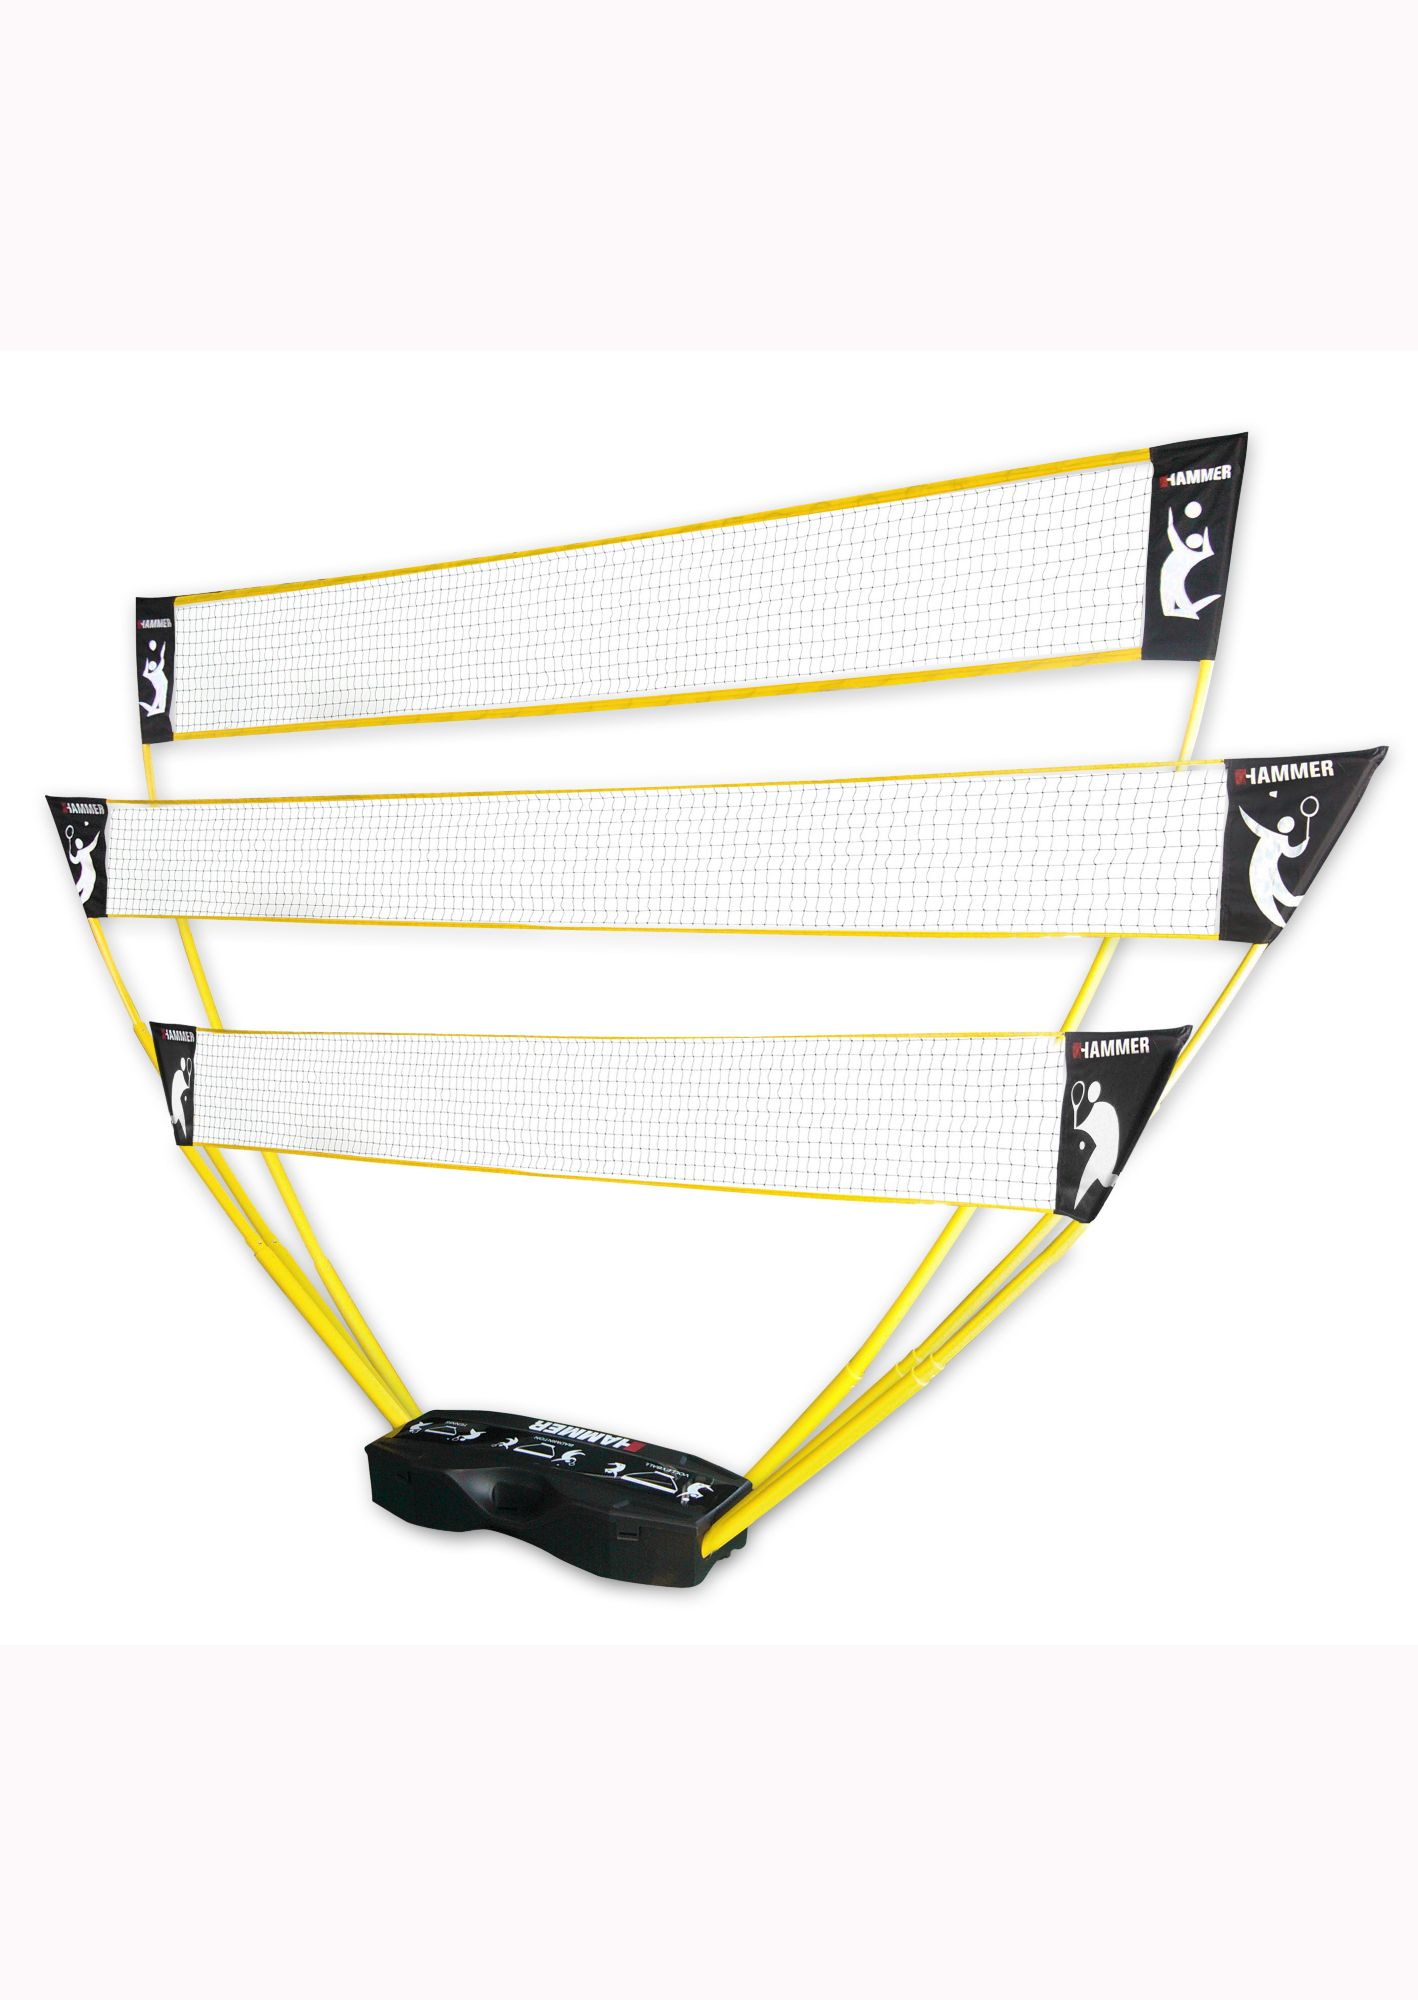 HAMMER 3in1 Netz-Set, für Volleyball, Badminton & Tennis, Hammer